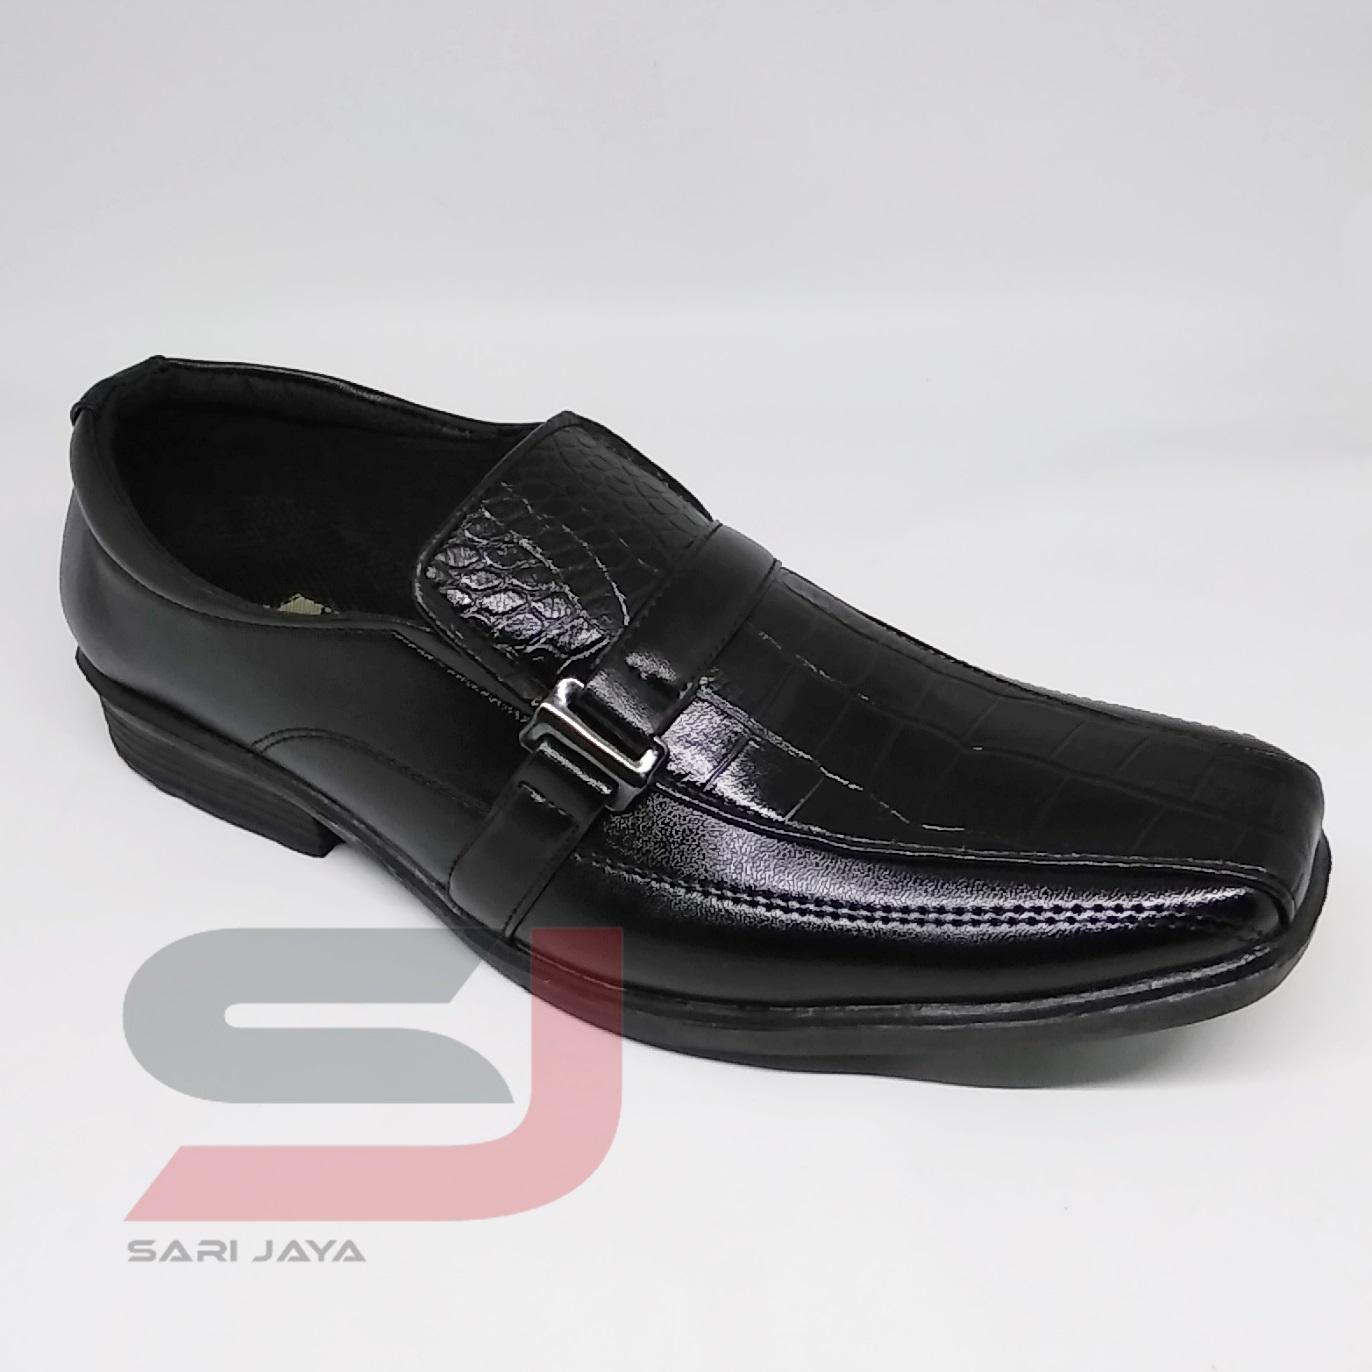 Jual Murah Dr Kevin Men Formal Shoes 13332 Black Hitam 40 Terbaru Manzone Comet 2 Mznmzy18 01spmals048bk Xs Xl Domino Sepatu Kerja Pantofel Karet Pria Bahan Kulit